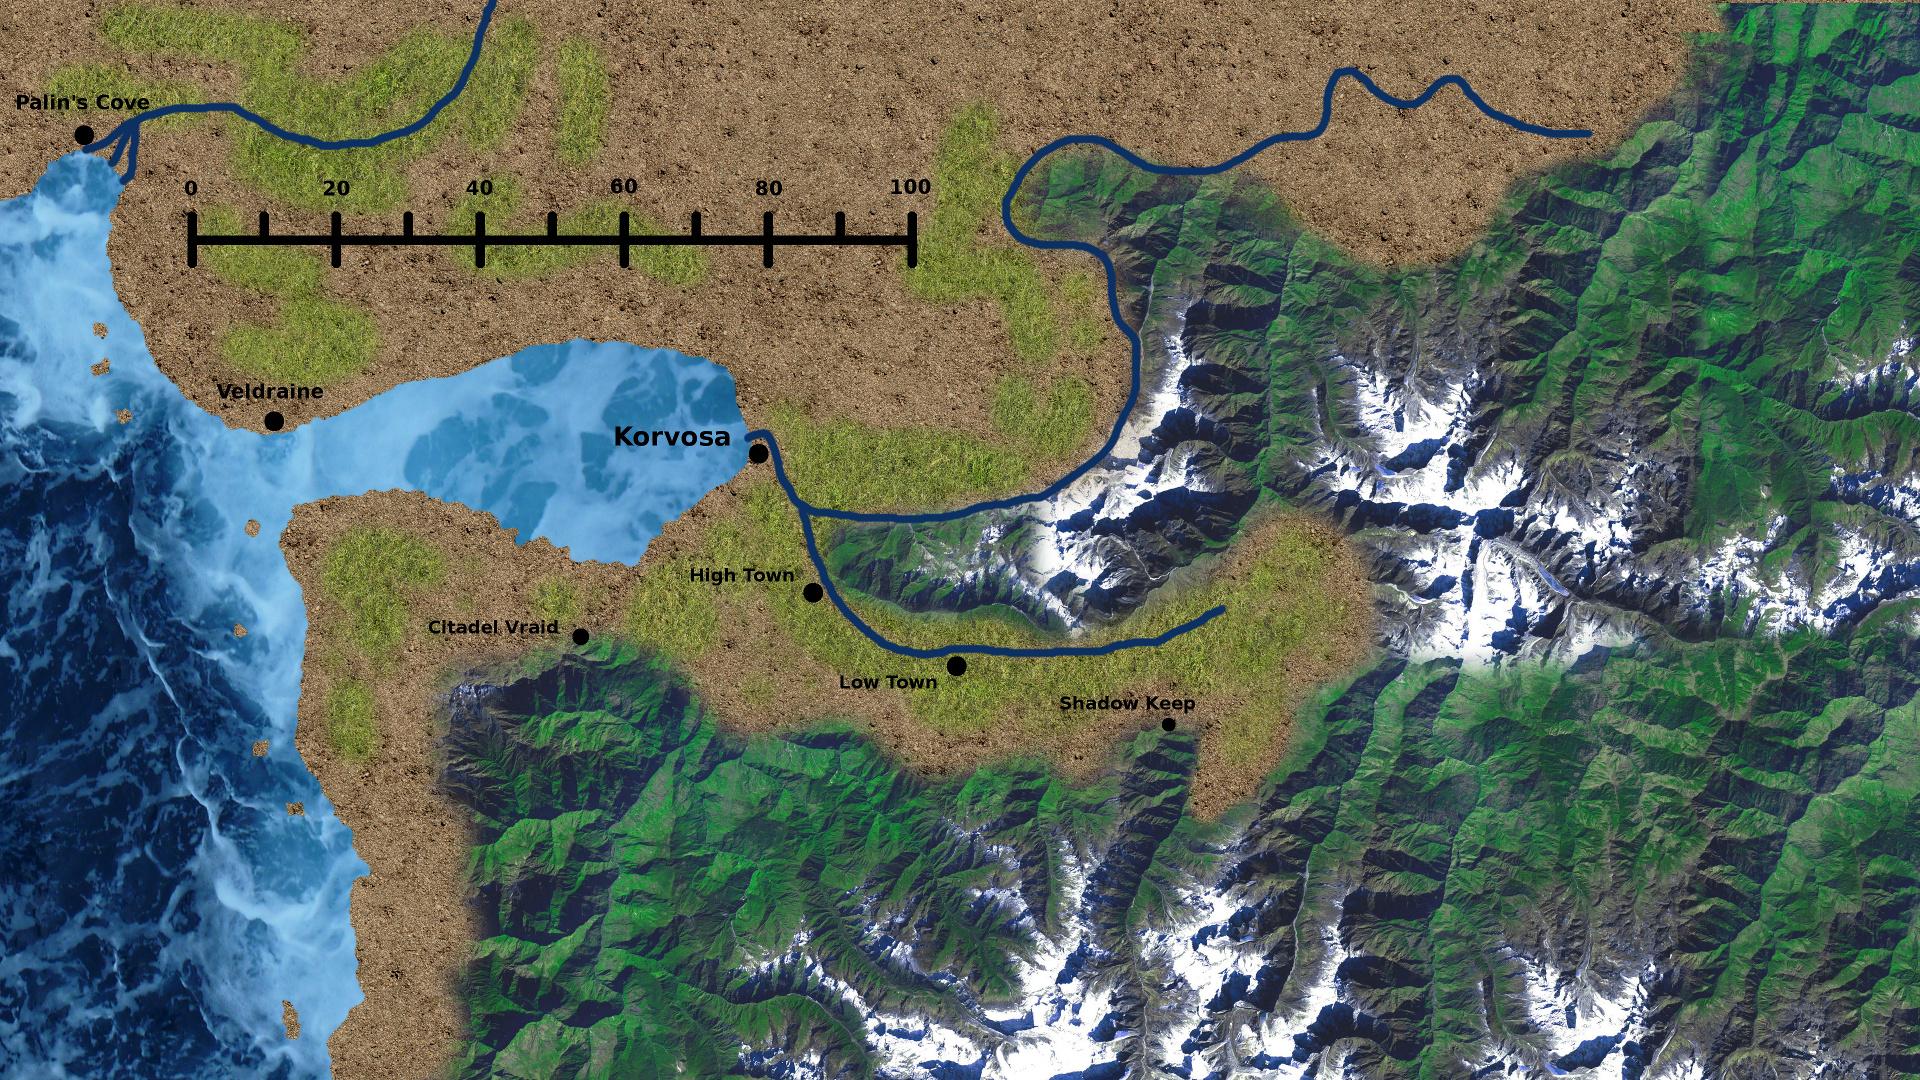 Korvosa Valley Map By GameMaster666 Korvosa Valley Map By GameMaster666